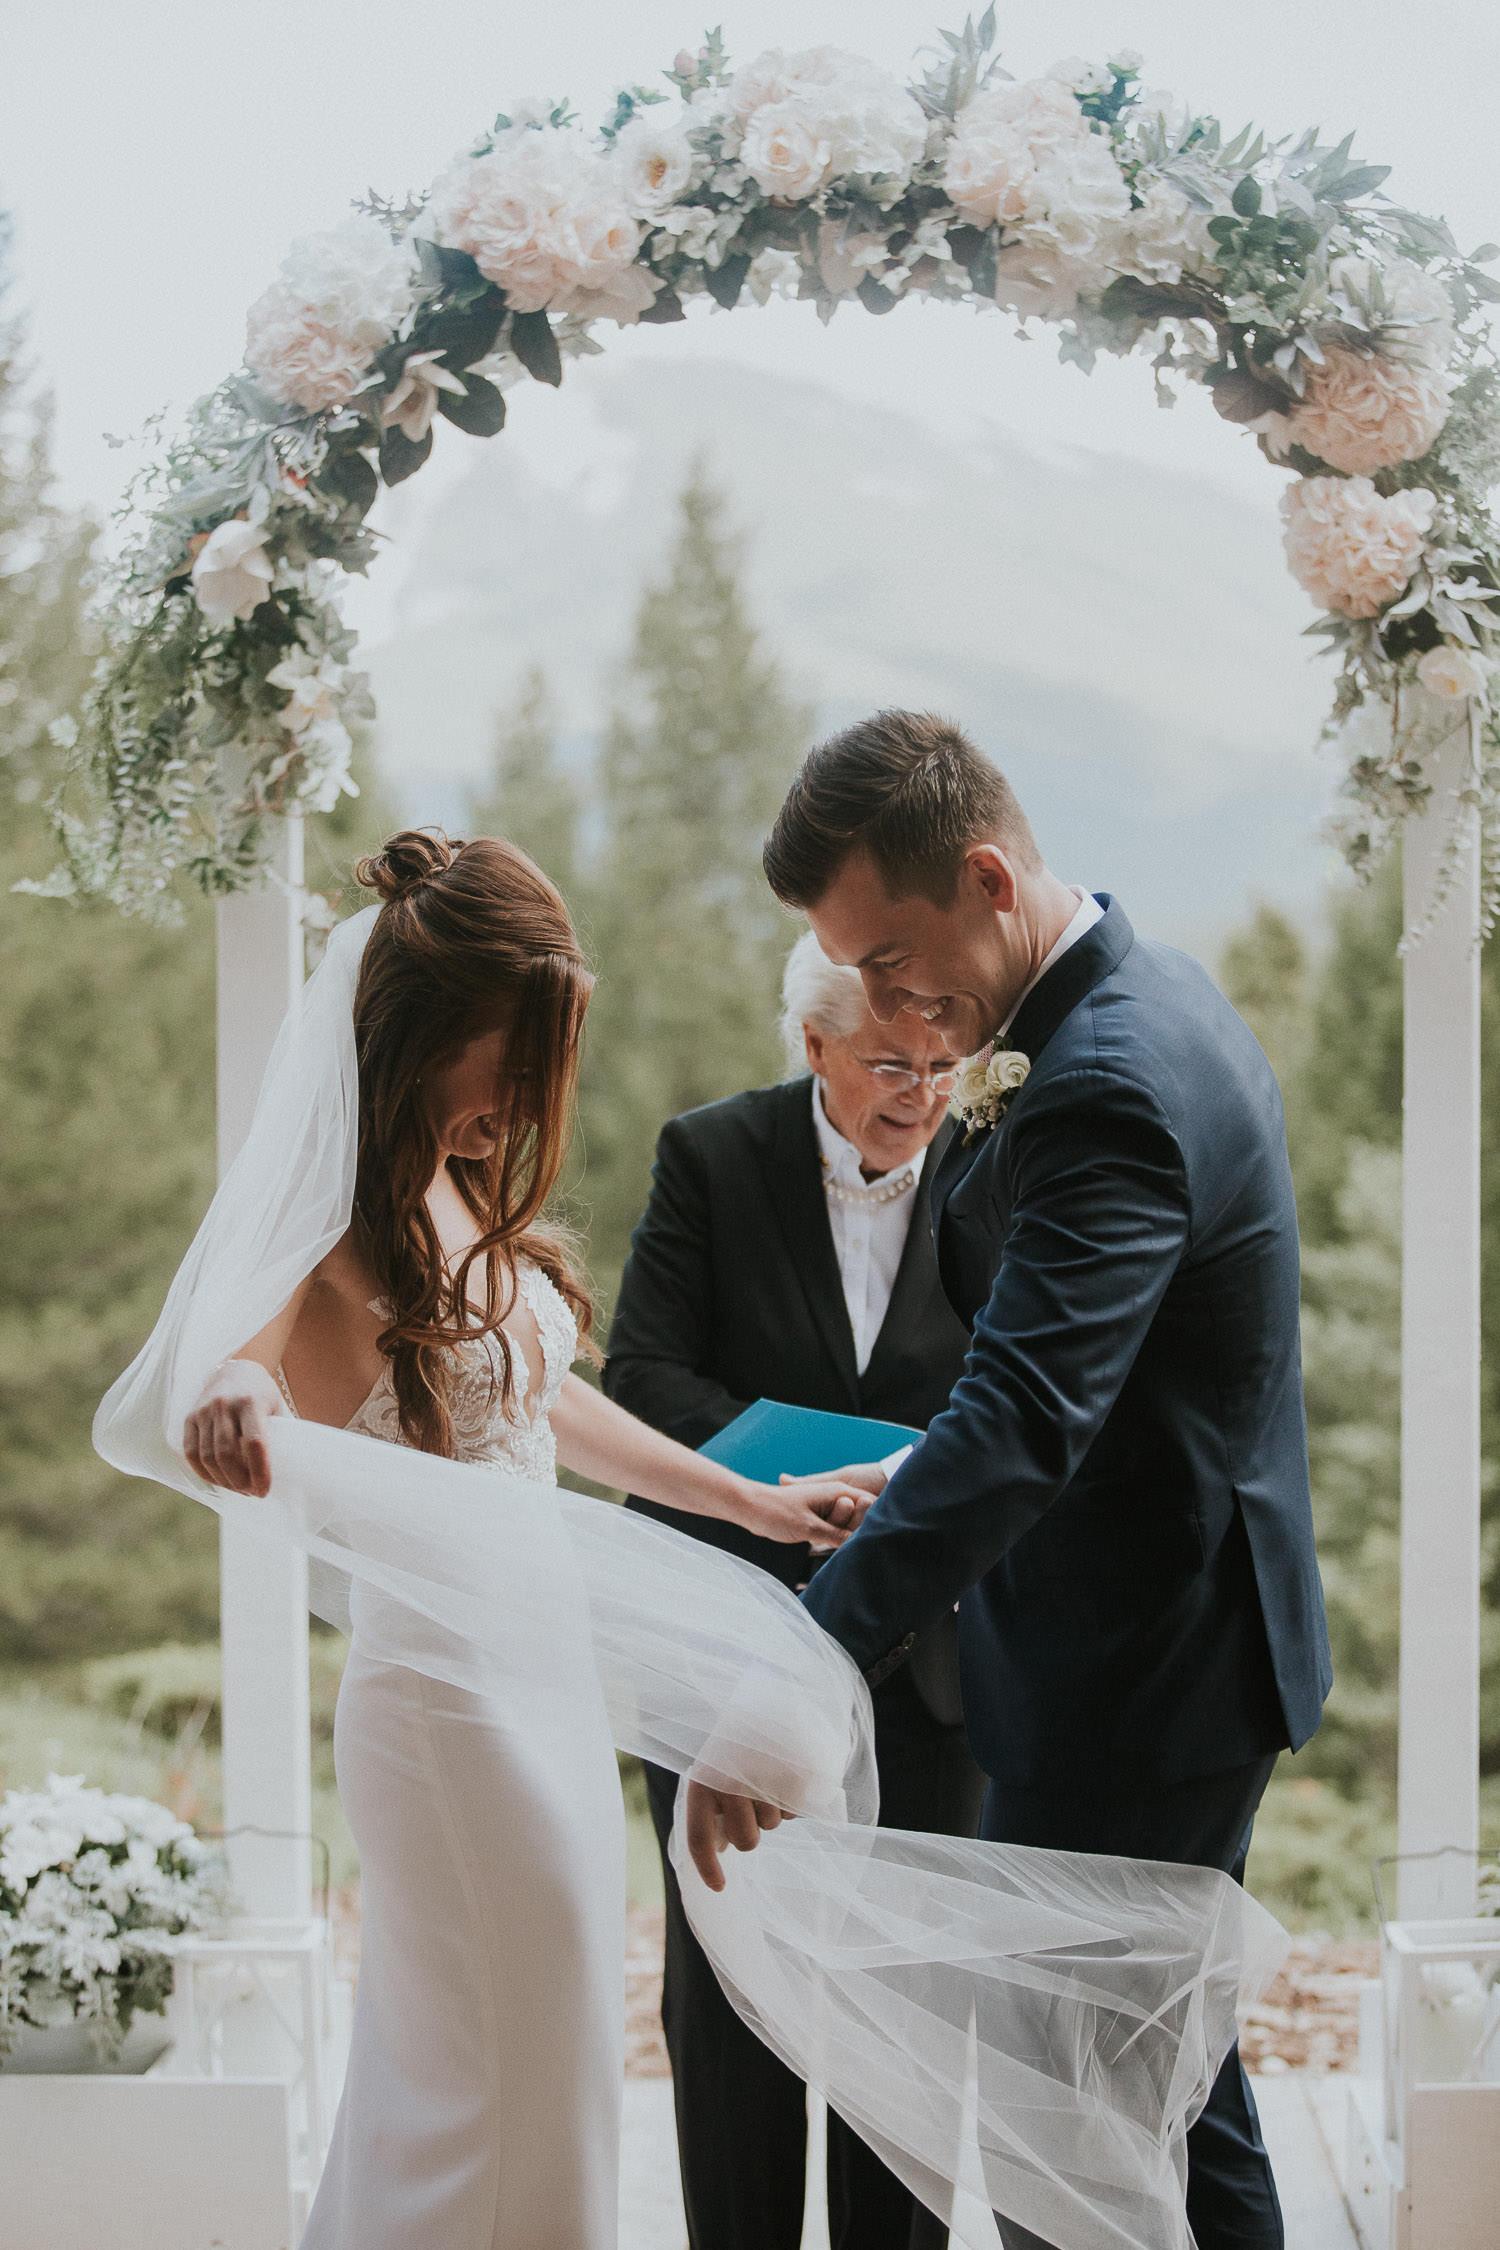 stewart-creek-wedding-sarah-pukin-249